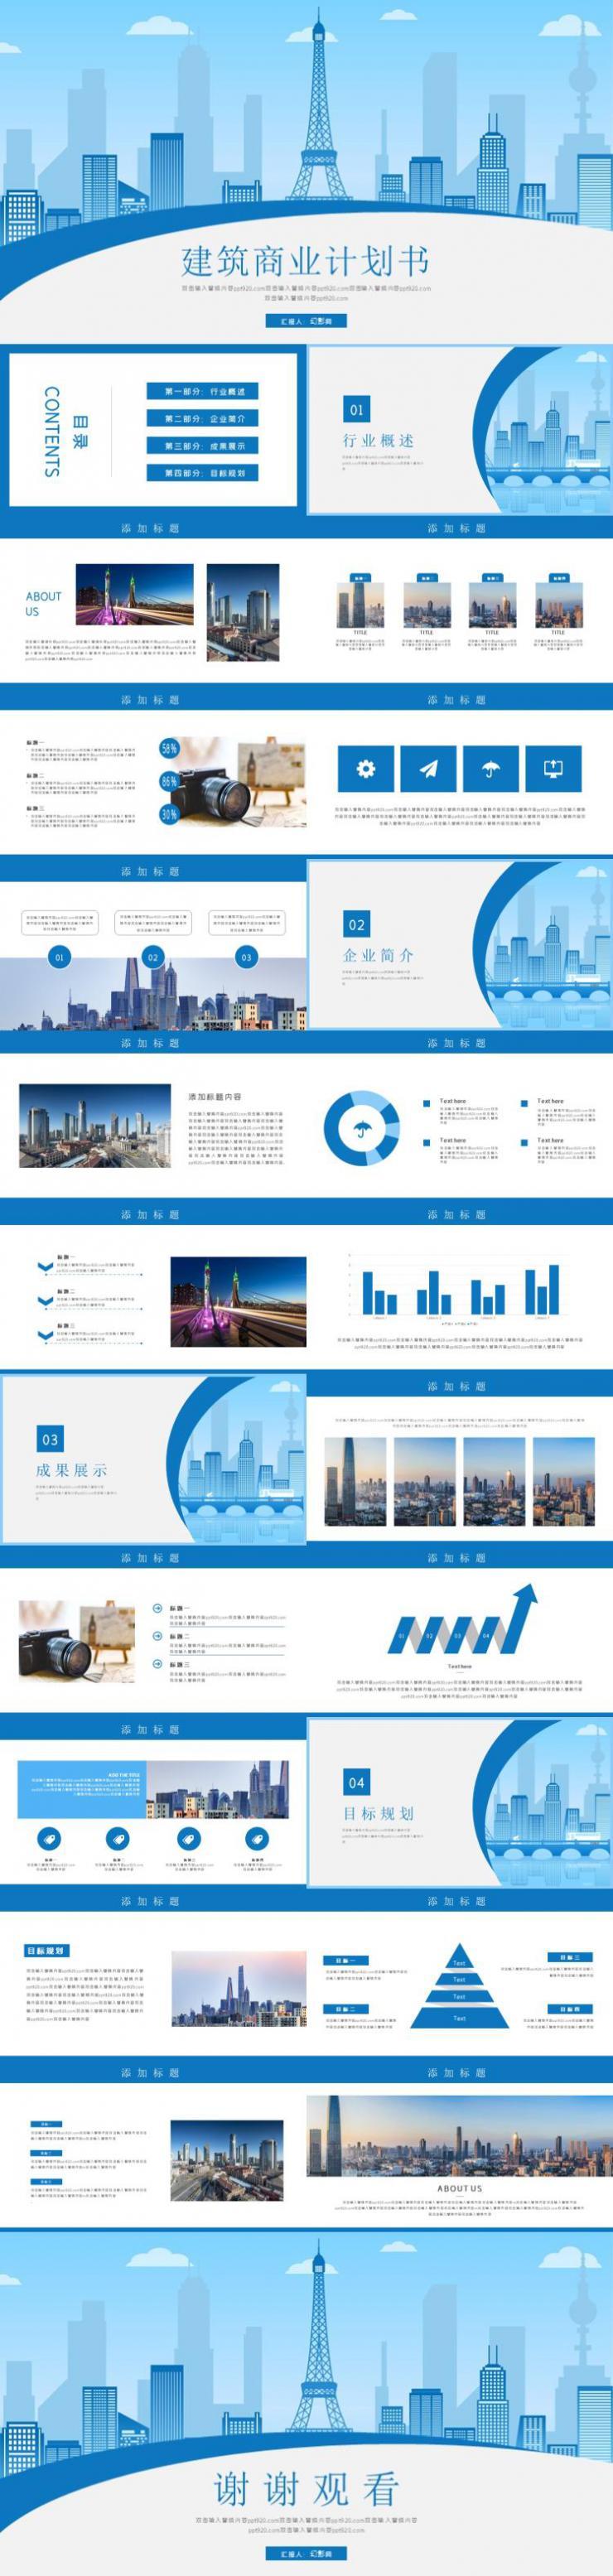 蓝色简约商务建筑商业计划书PPT模板